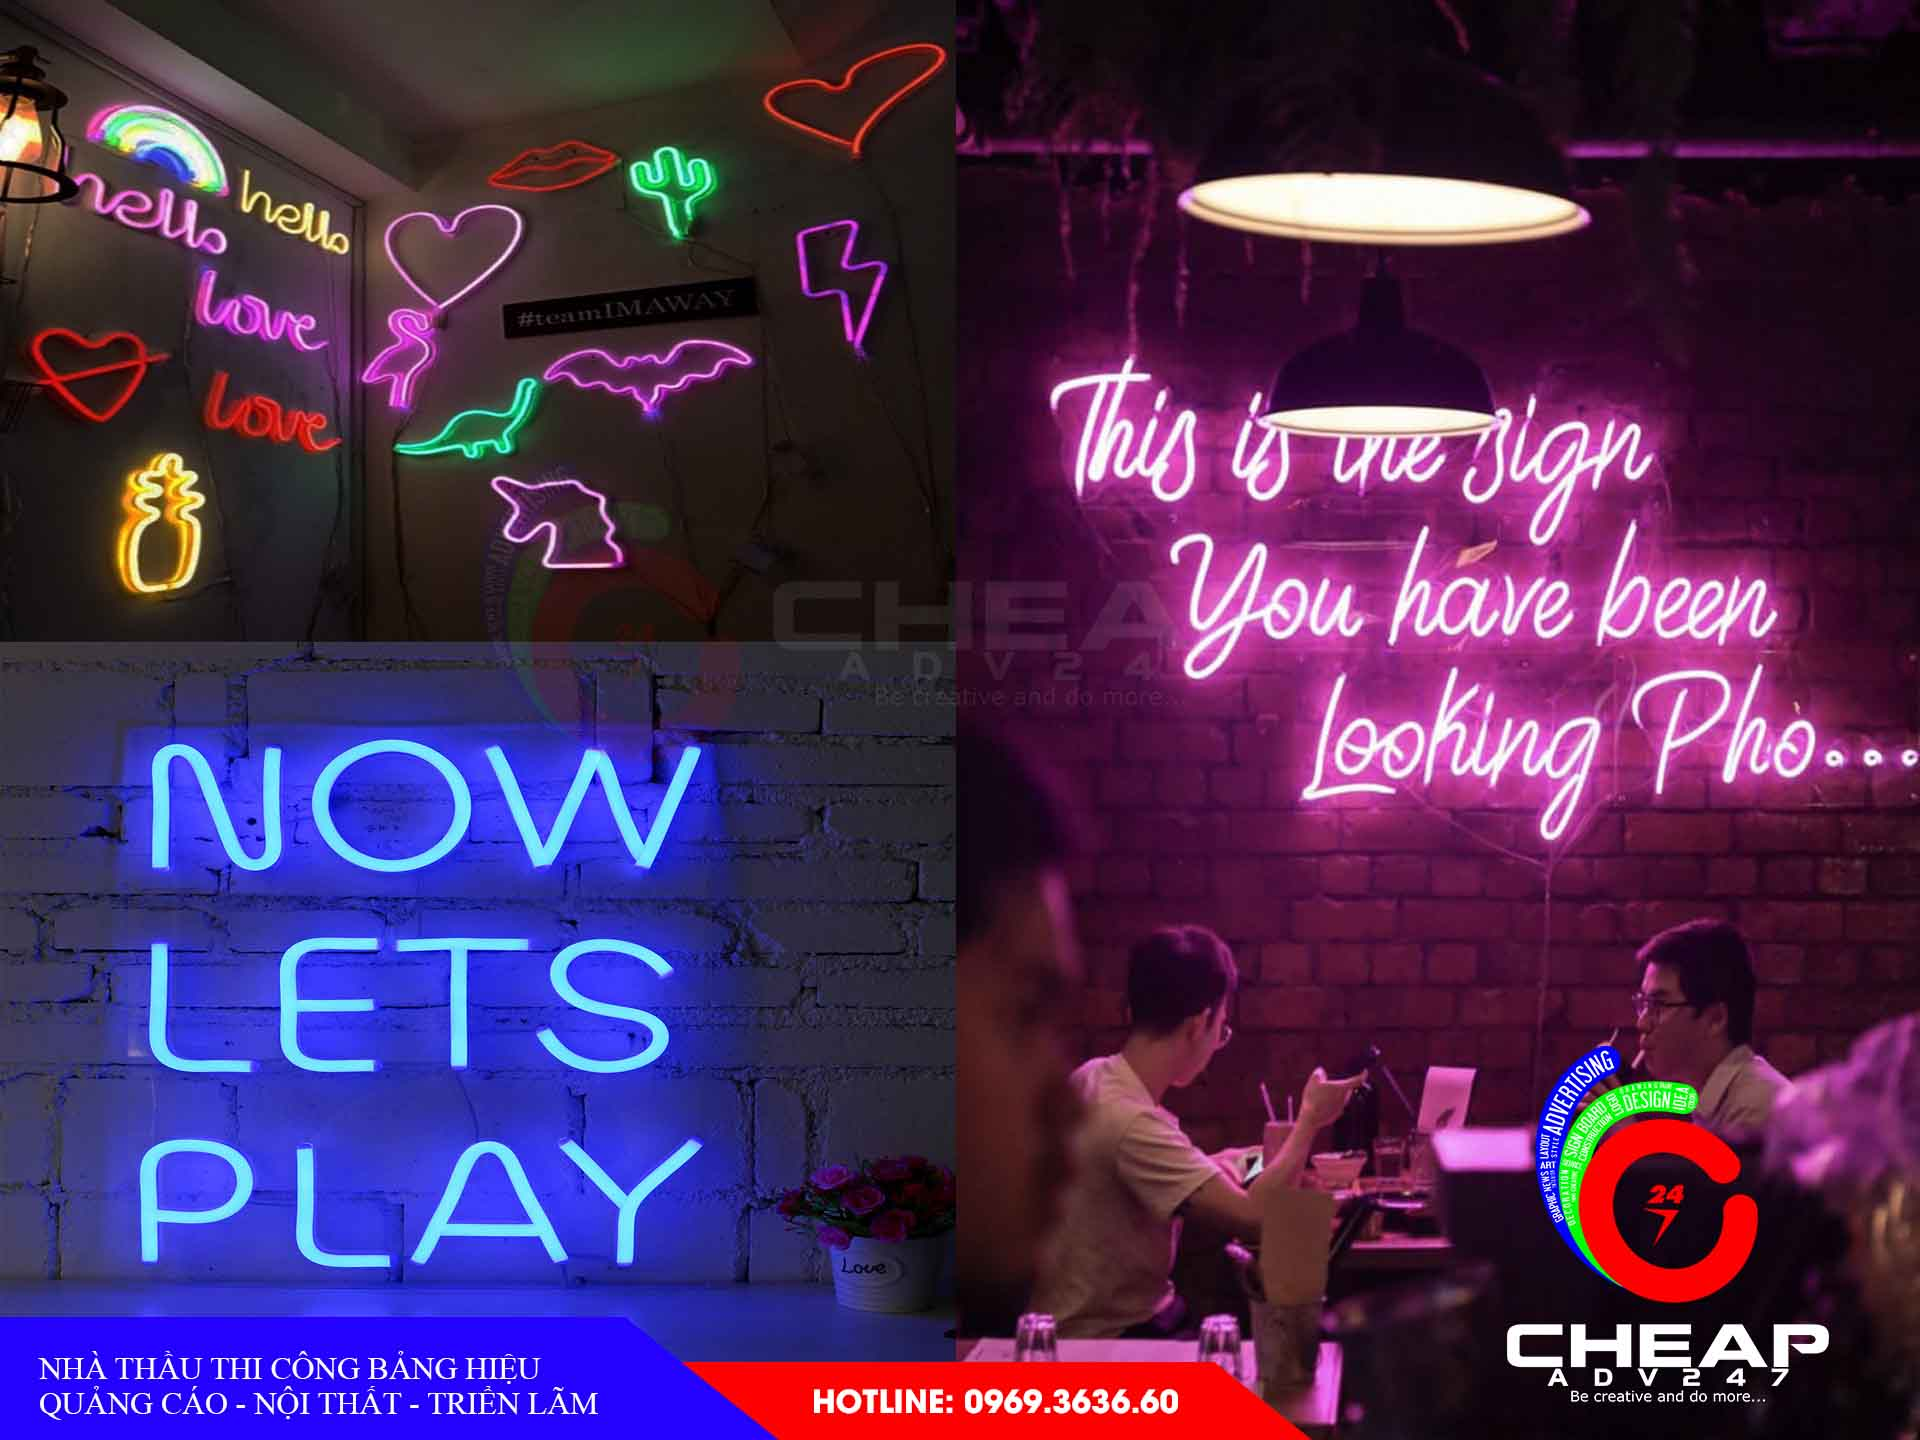 Làm bảng hiệu quảng cáo cần thơ tại cheapadv247